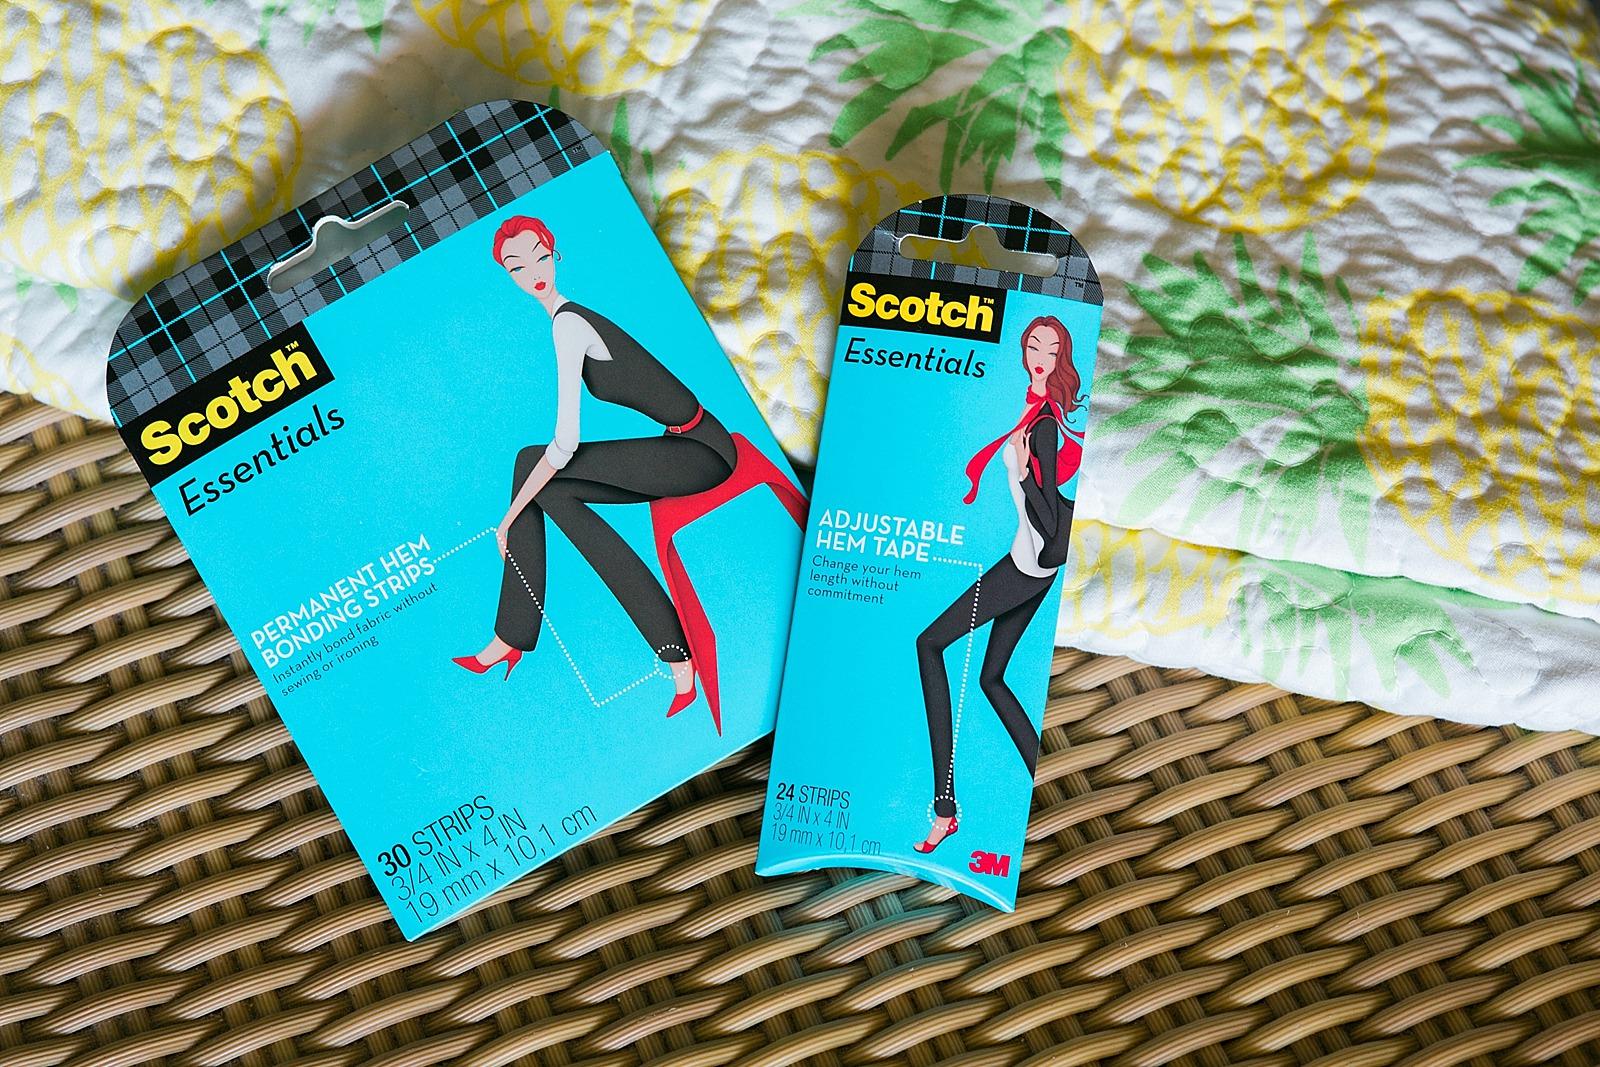 scotch-essentials-diana-elizabeth-blog-0266